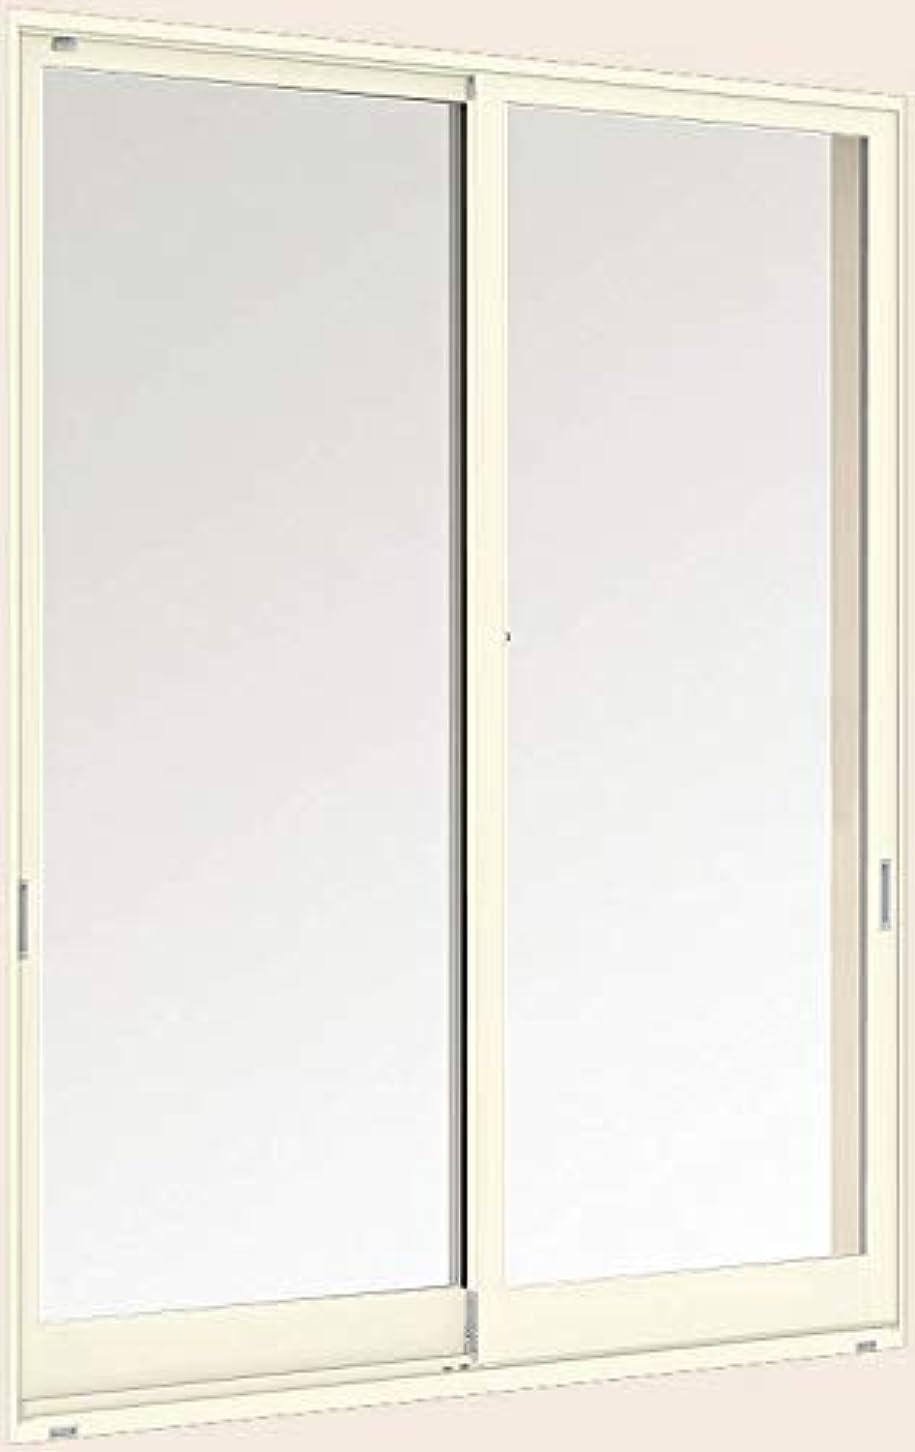 レーザ人生を作る解任デュオPG 引き違い2枚建て 半外付型 17603 W:1,800mm × H:370mm ガラス種類:透明3mm-A12-透明3mm 製品色:ホワイト(W) アングル:付 LIXIL リクシル TOSTEM トステム